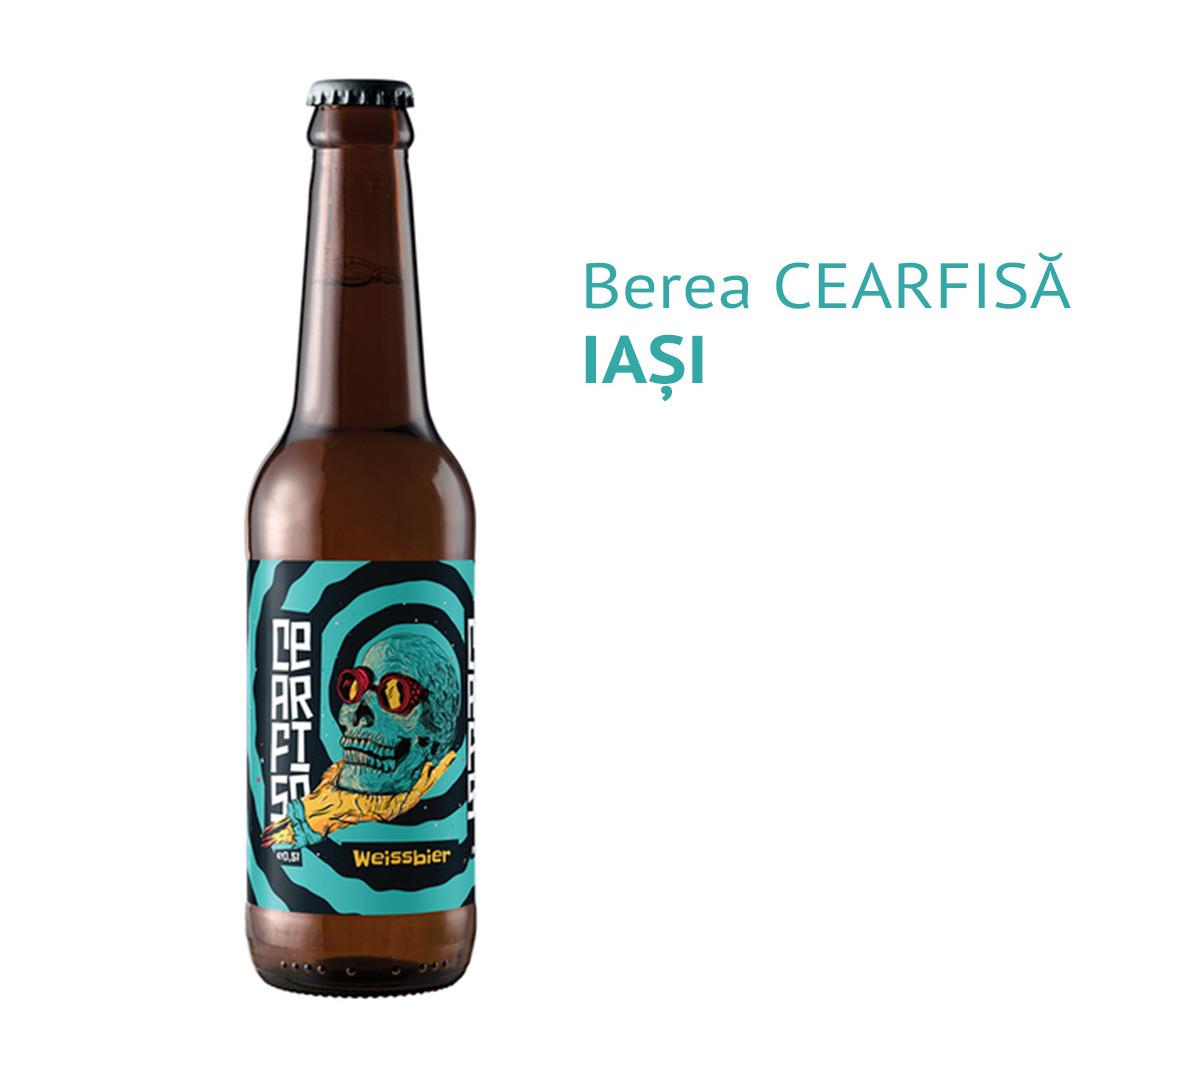 Cearfisa